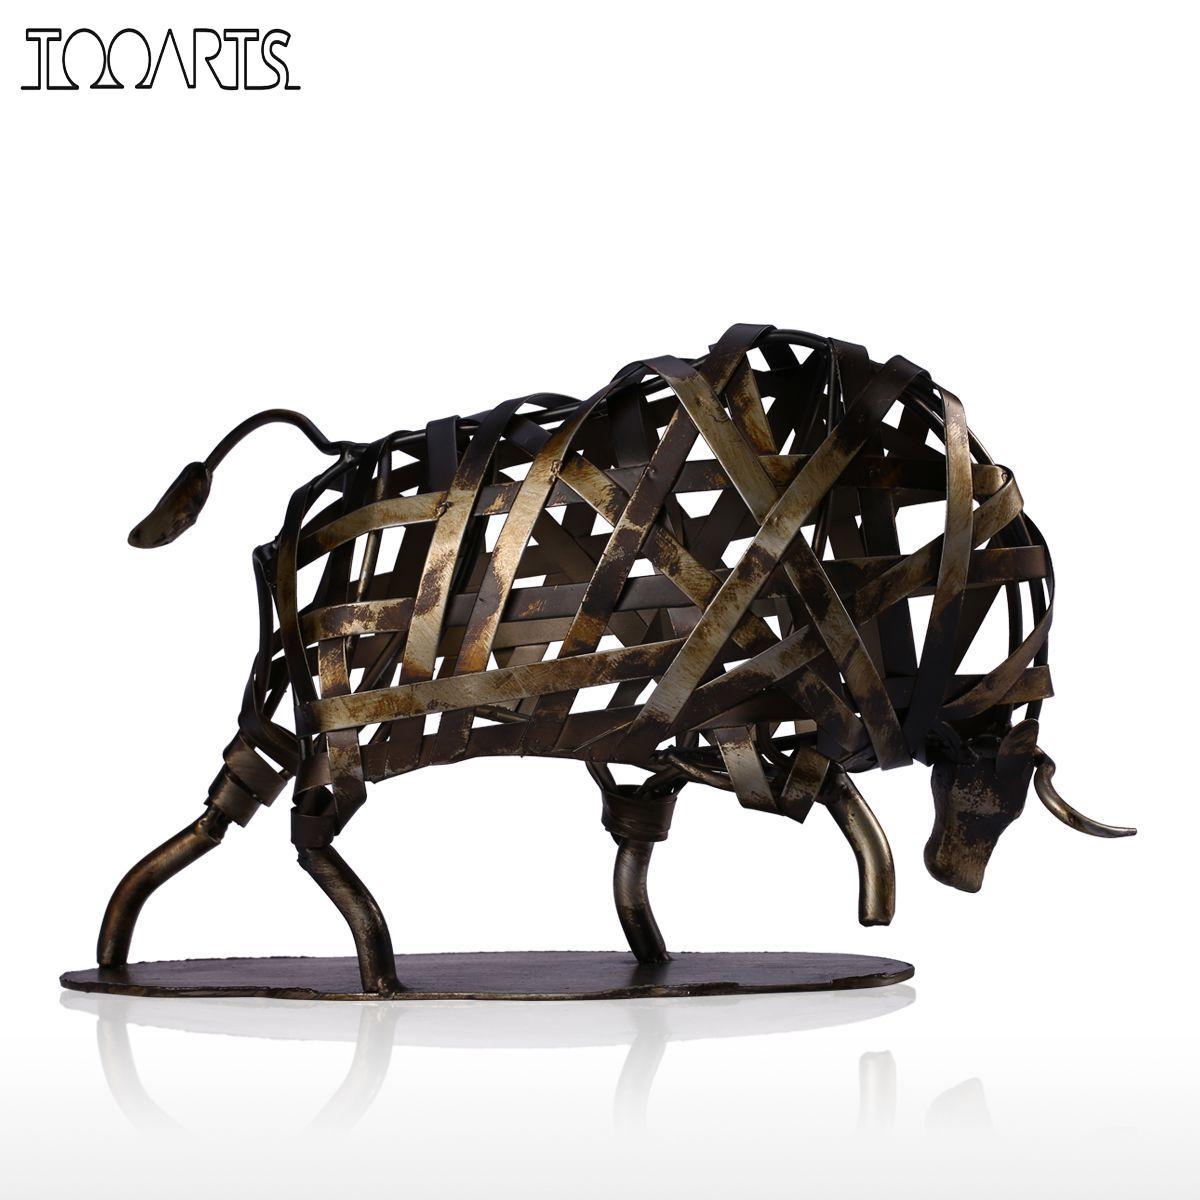 Tooarts Figurine En Métal Tressé De Fer Bovins Figurine Vintage Home Decor Main Animal Artisanat Accessoires Cadeau Pour La Maison Bureau